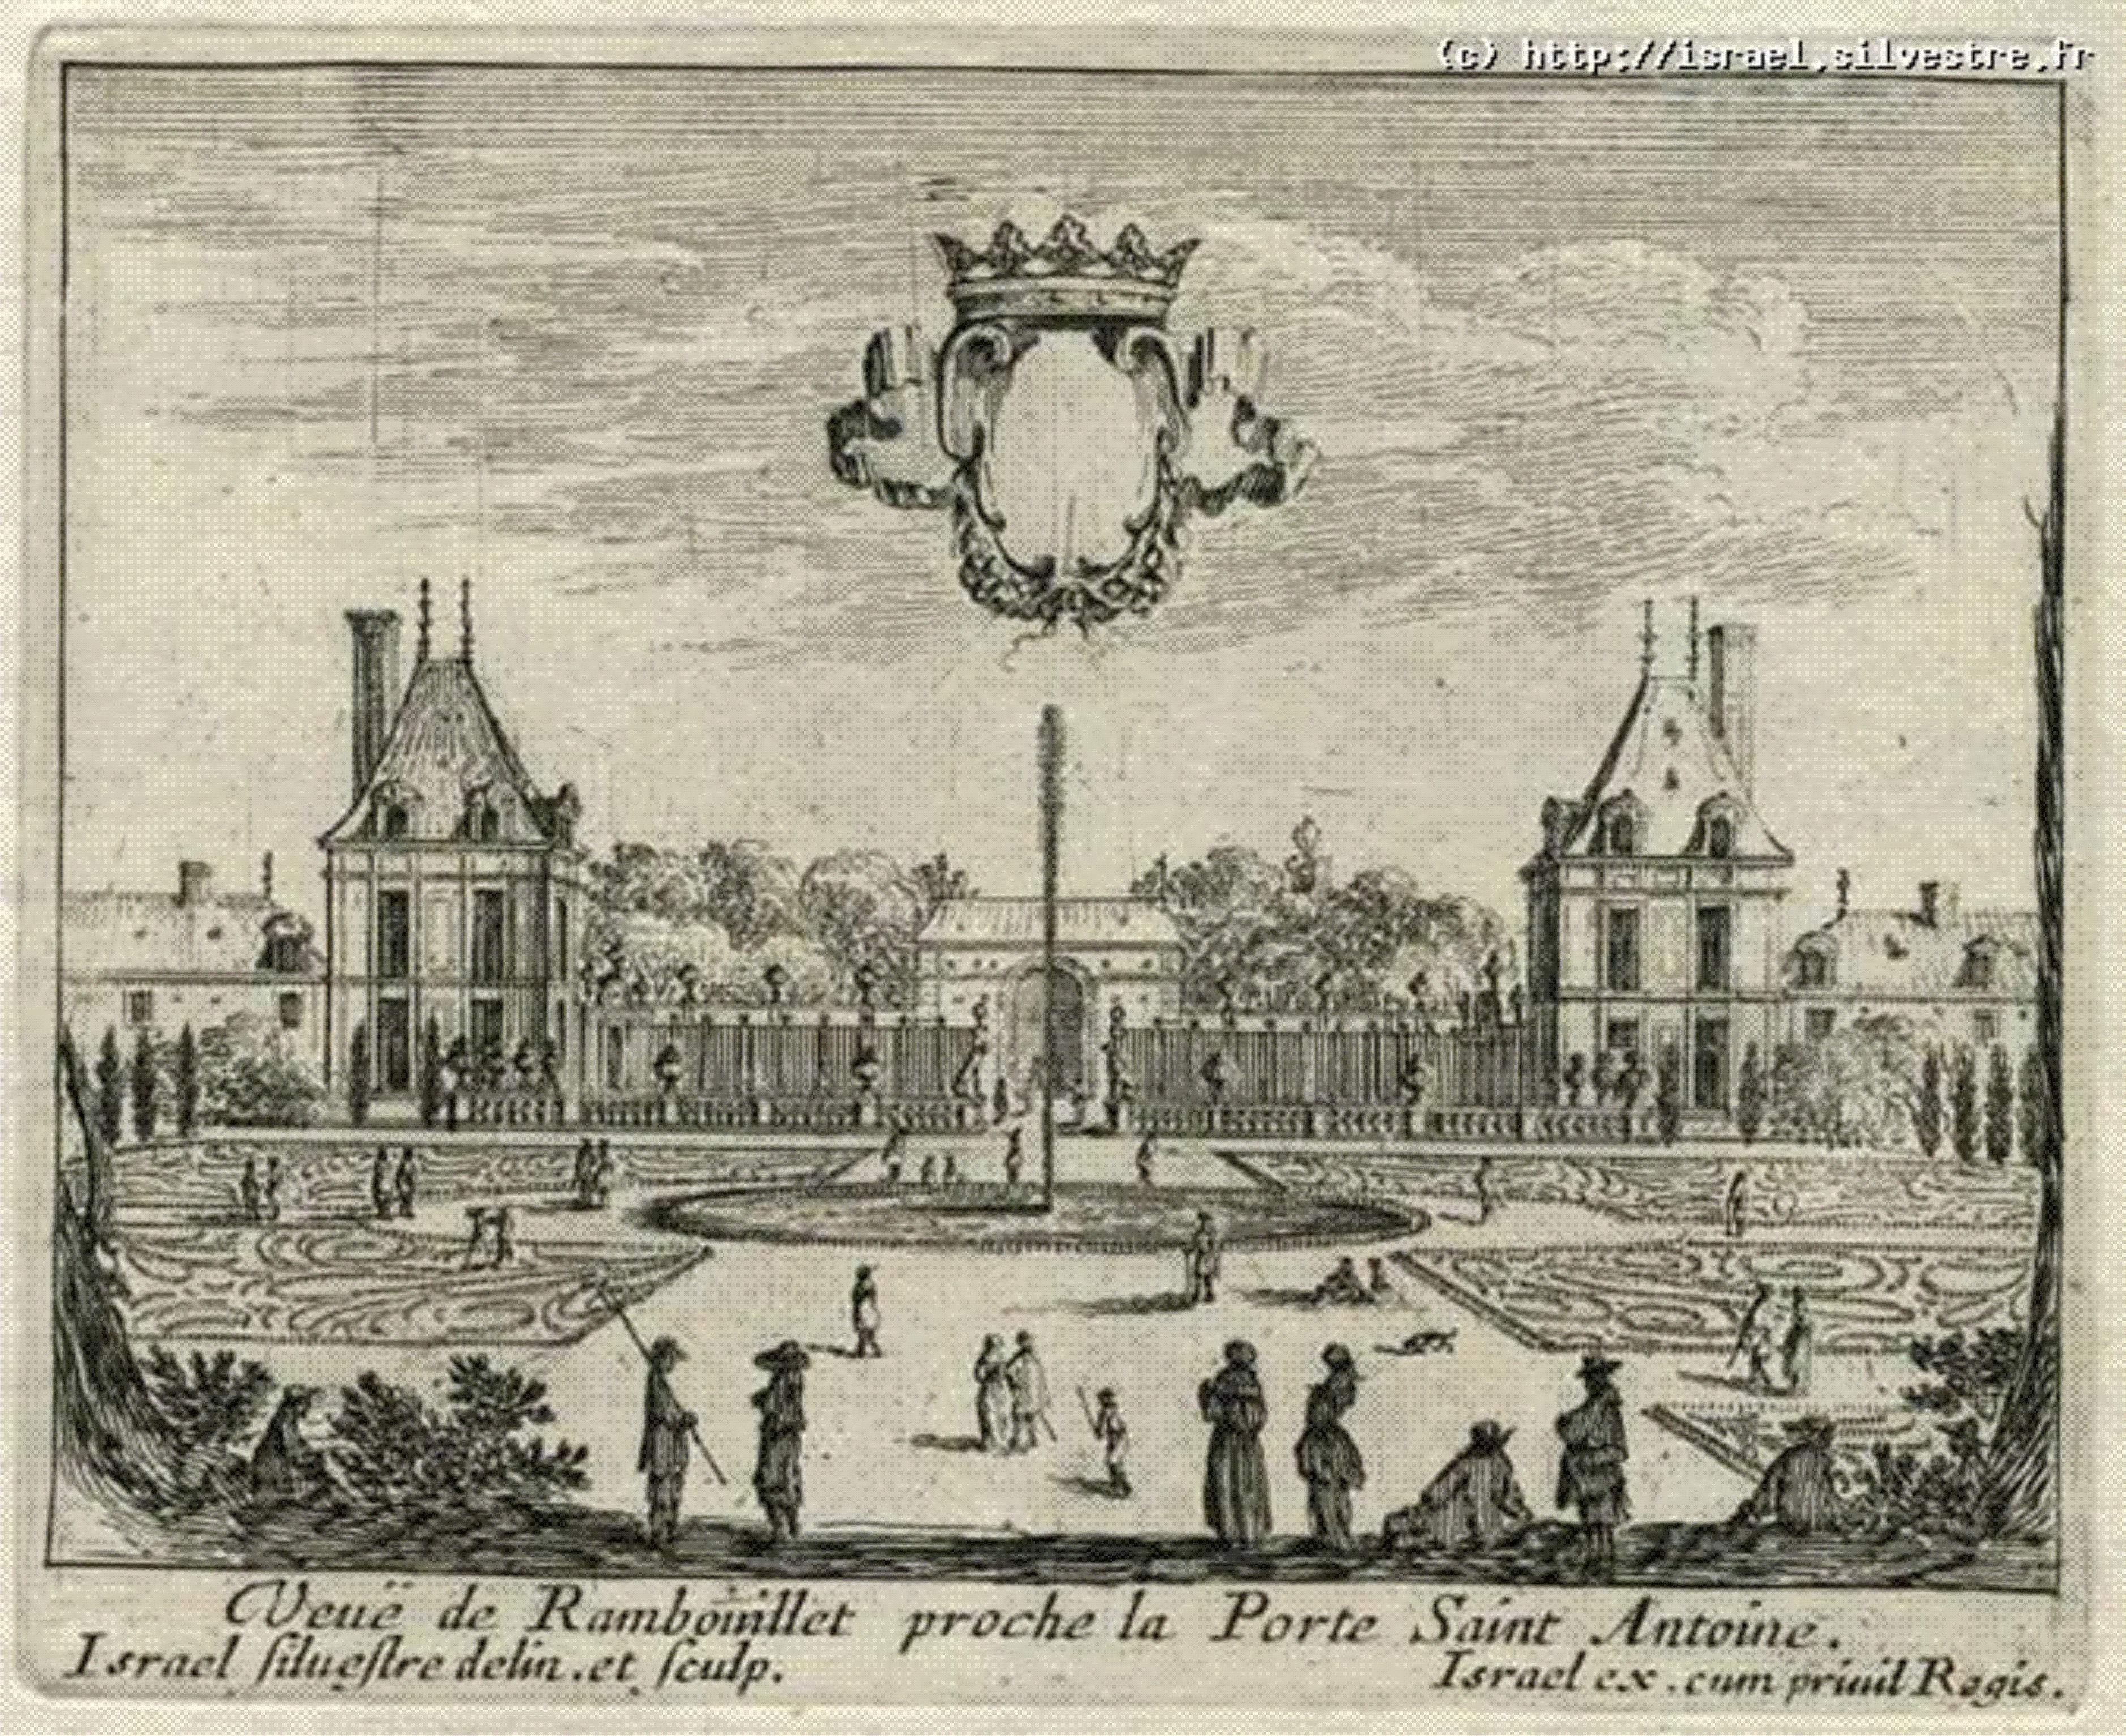 Les 10 meilleures images de Hôtel de Rambouillet, salon littéraire ...